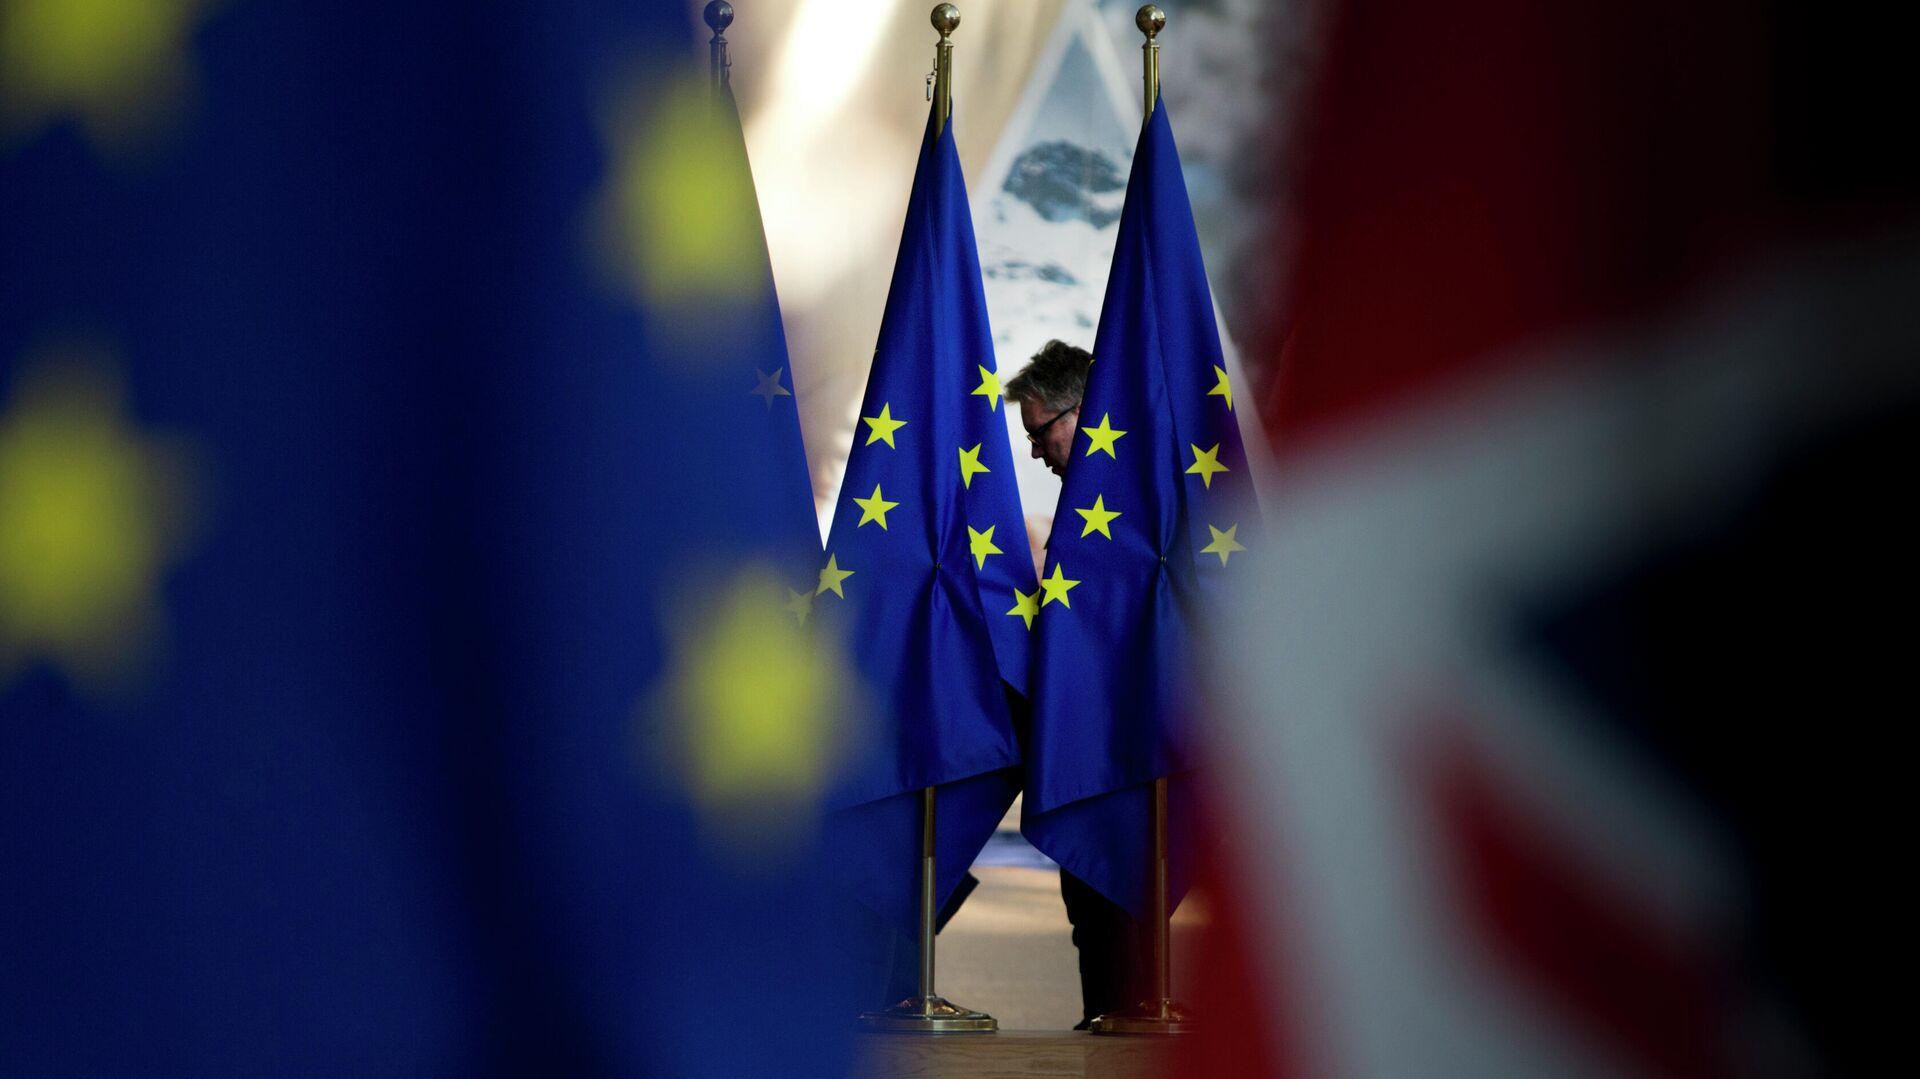 Флаги Евросоюза в здании Совета Европы в Брюсселе - РИА Новости, 1920, 17.06.2021